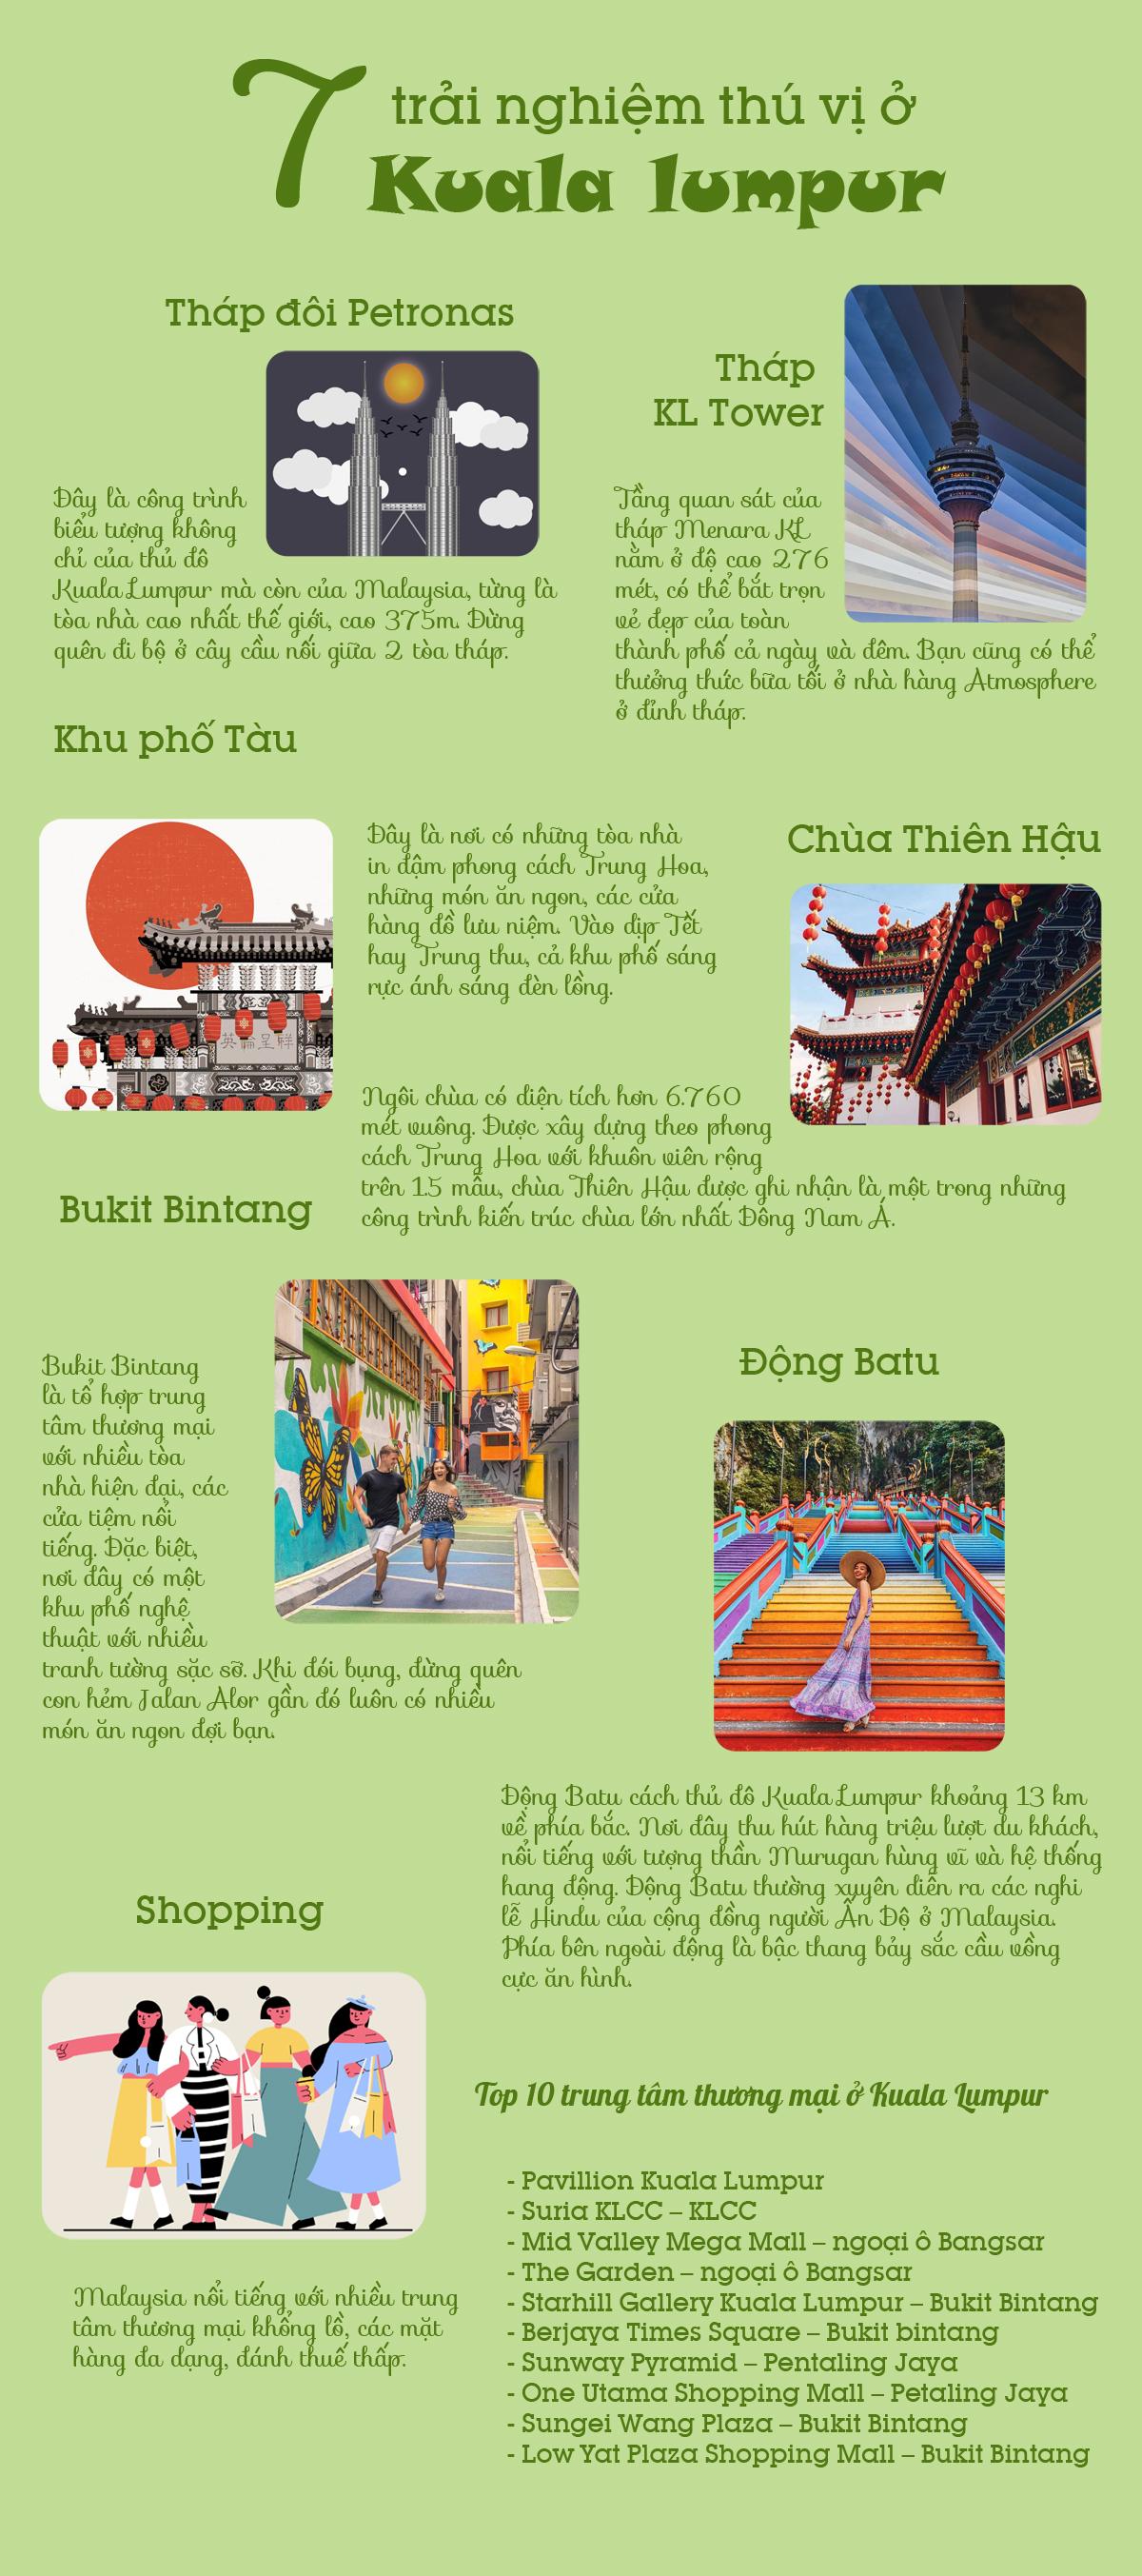 7 trải nghiệm thú vị ở Kuala Lumpur